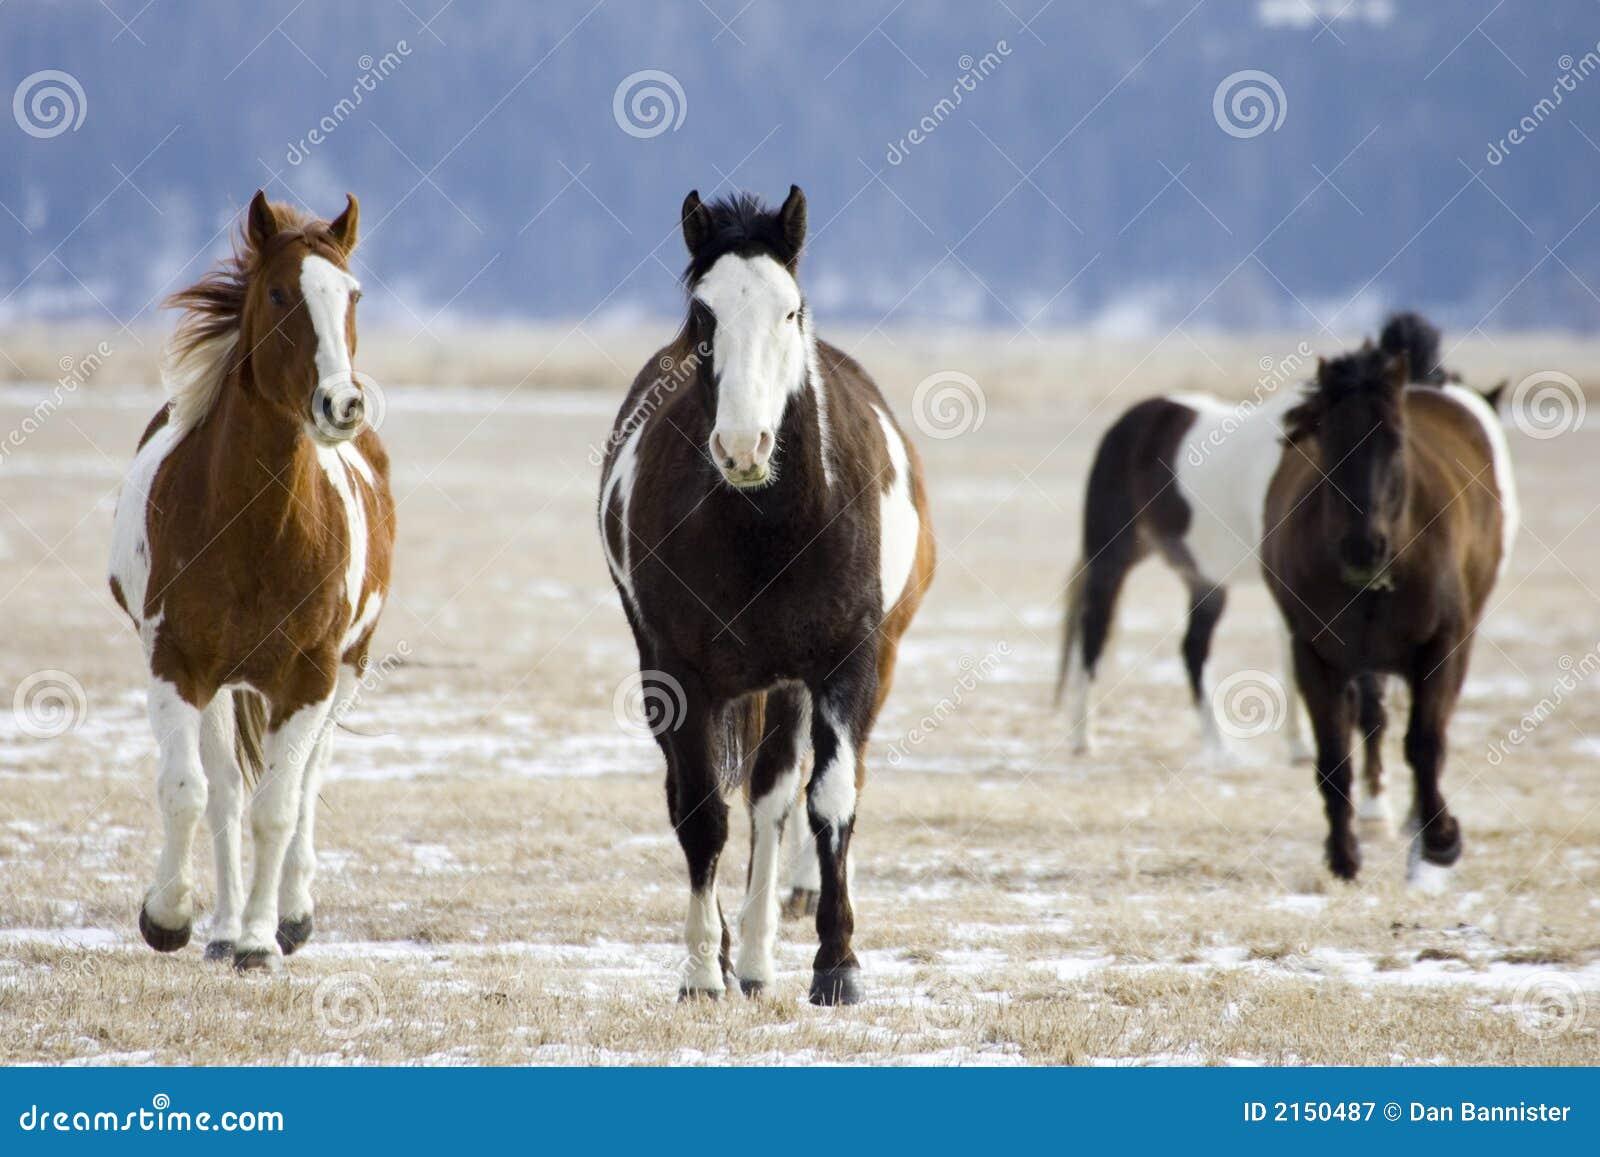 Pferden-Zusammenfassung